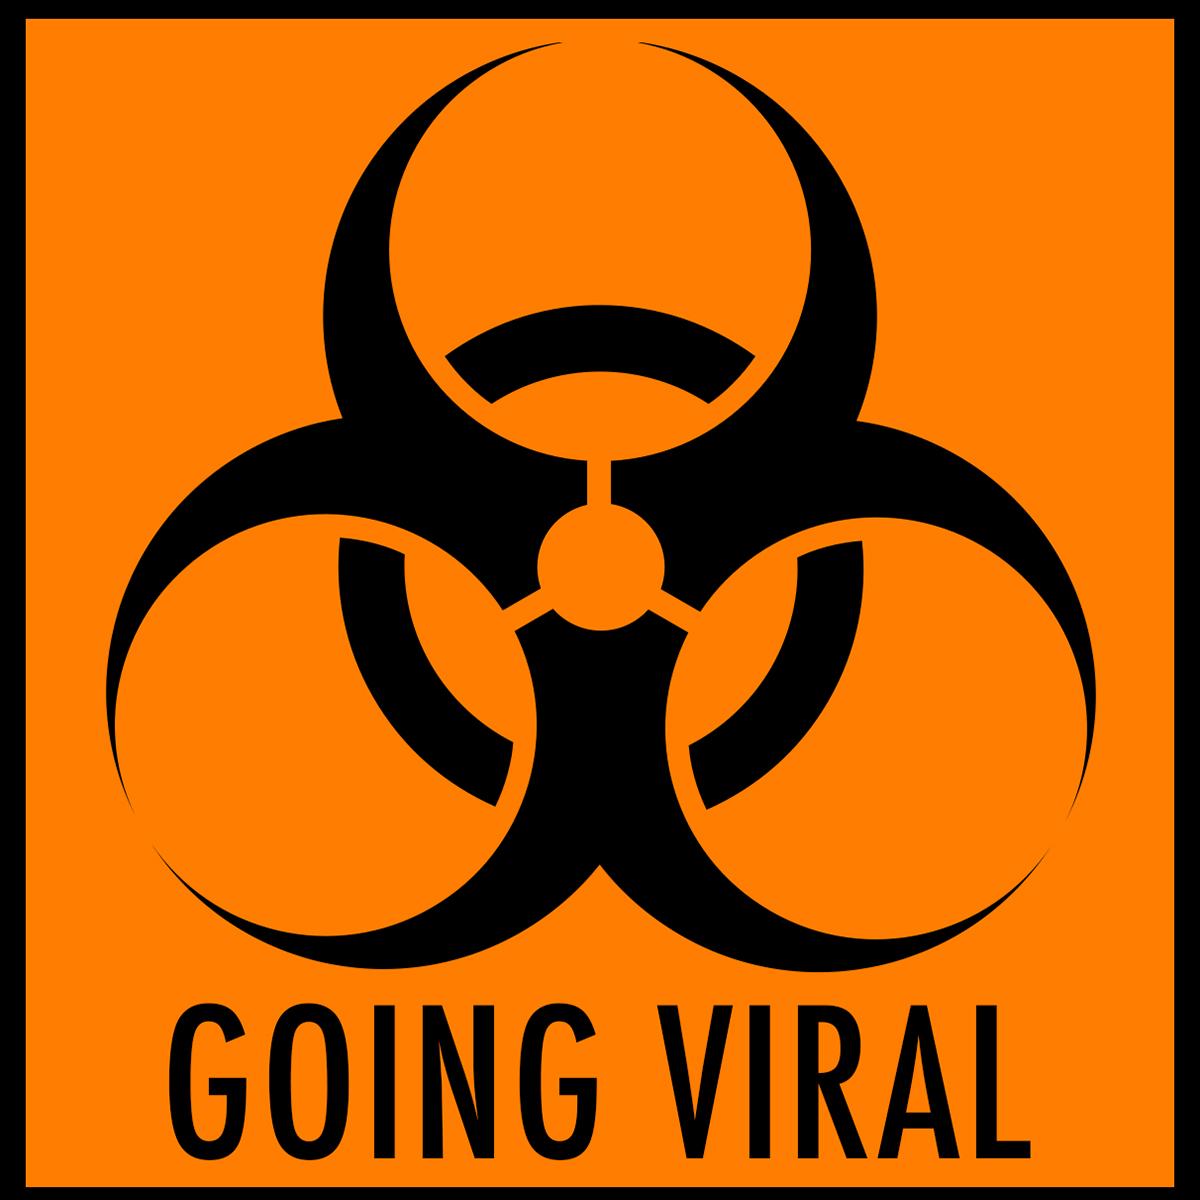 1200px-Biohazard_orange